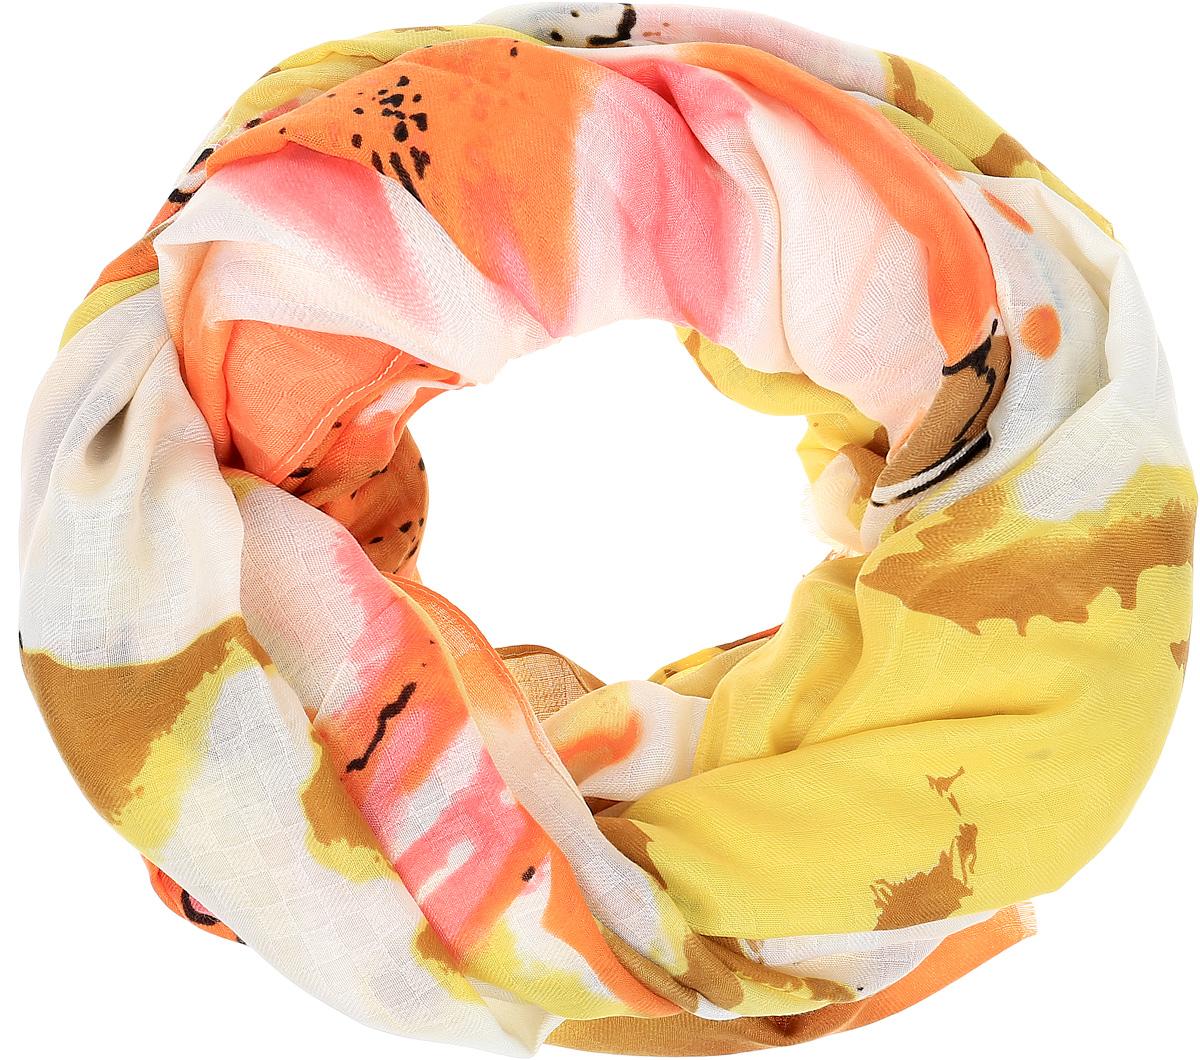 ПалантинYY-21665-22Элегантный палантин Sophie Ramage станет достойным завершением вашего образа. Палантин изготовлен из высококачественного модала. Оформлена модель стильным цветочным принтом. Палантин красиво драпируется, он превосходно дополнит любой наряд и подчеркнет ваш изысканный вкус. Легкий и изящный палантин привнесет в ваш образ утонченность и шарм.